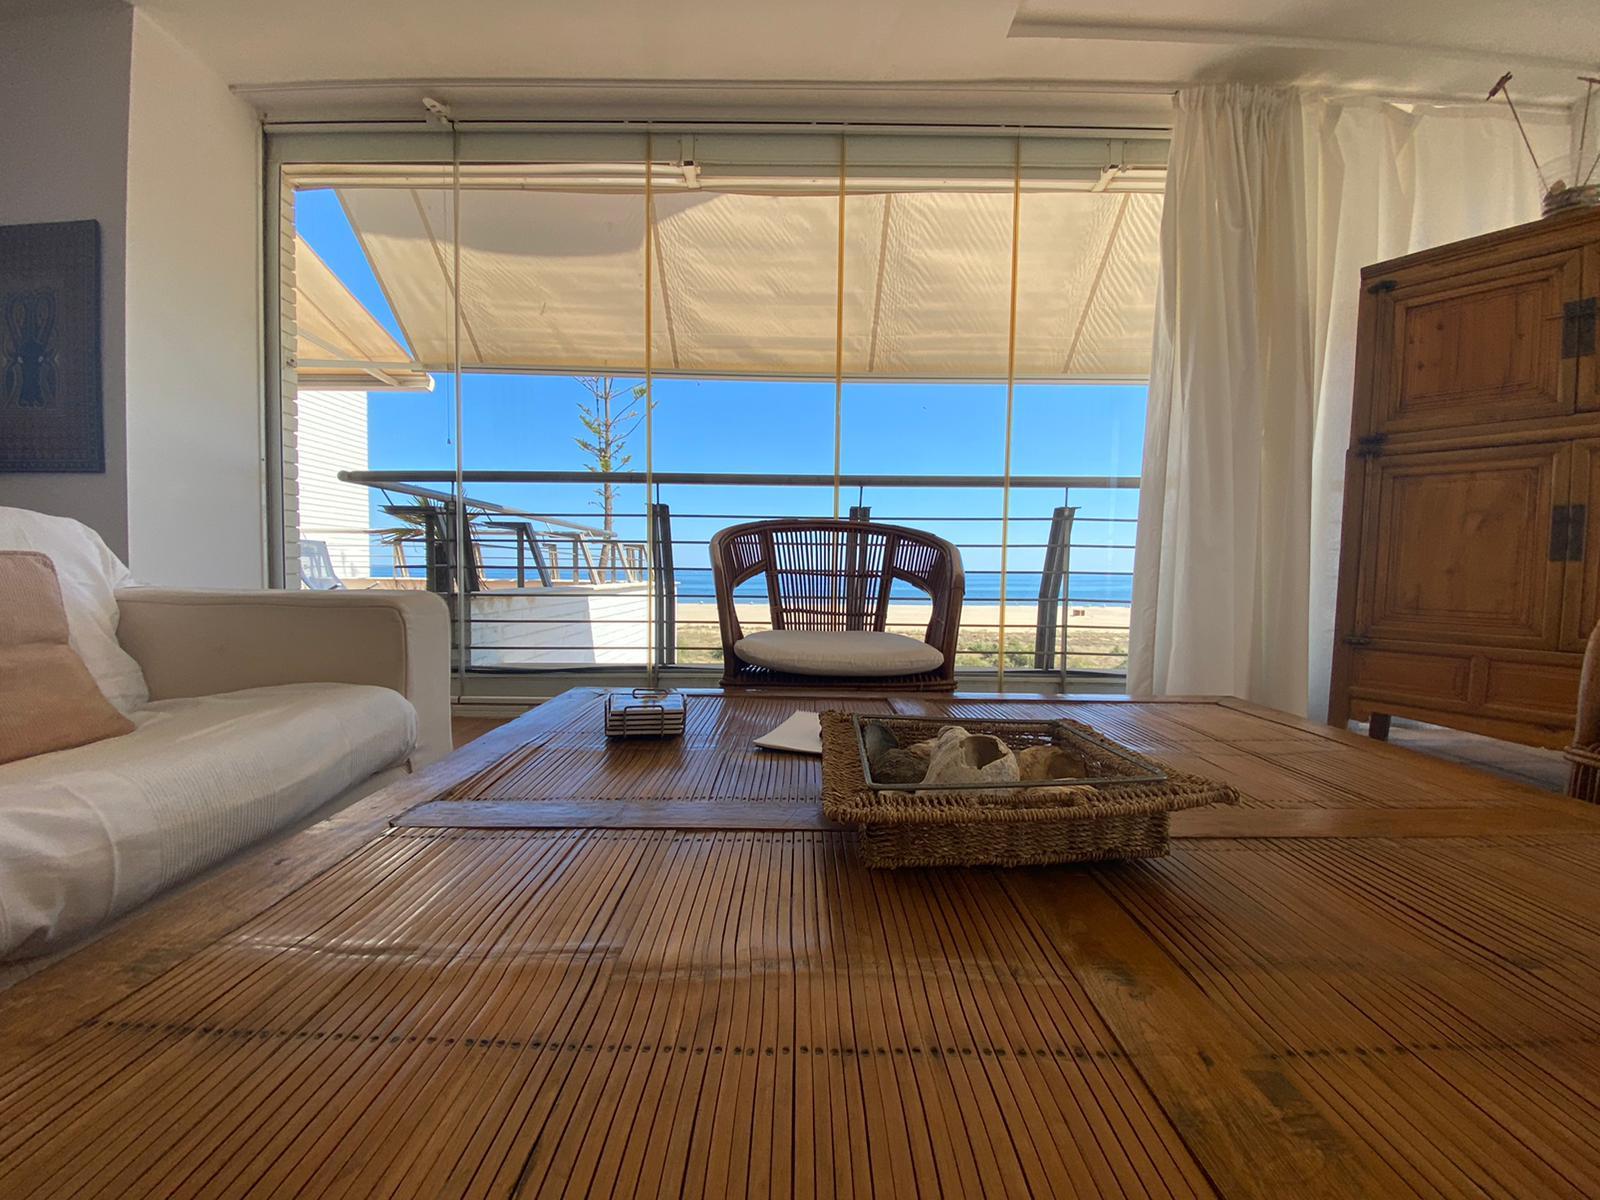 Imagen 16 del Apartamento Turístico, Ático 3 Levante, Frontal (4d+2b), Punta del Moral (HUELVA), Paseo de la Cruz nº22